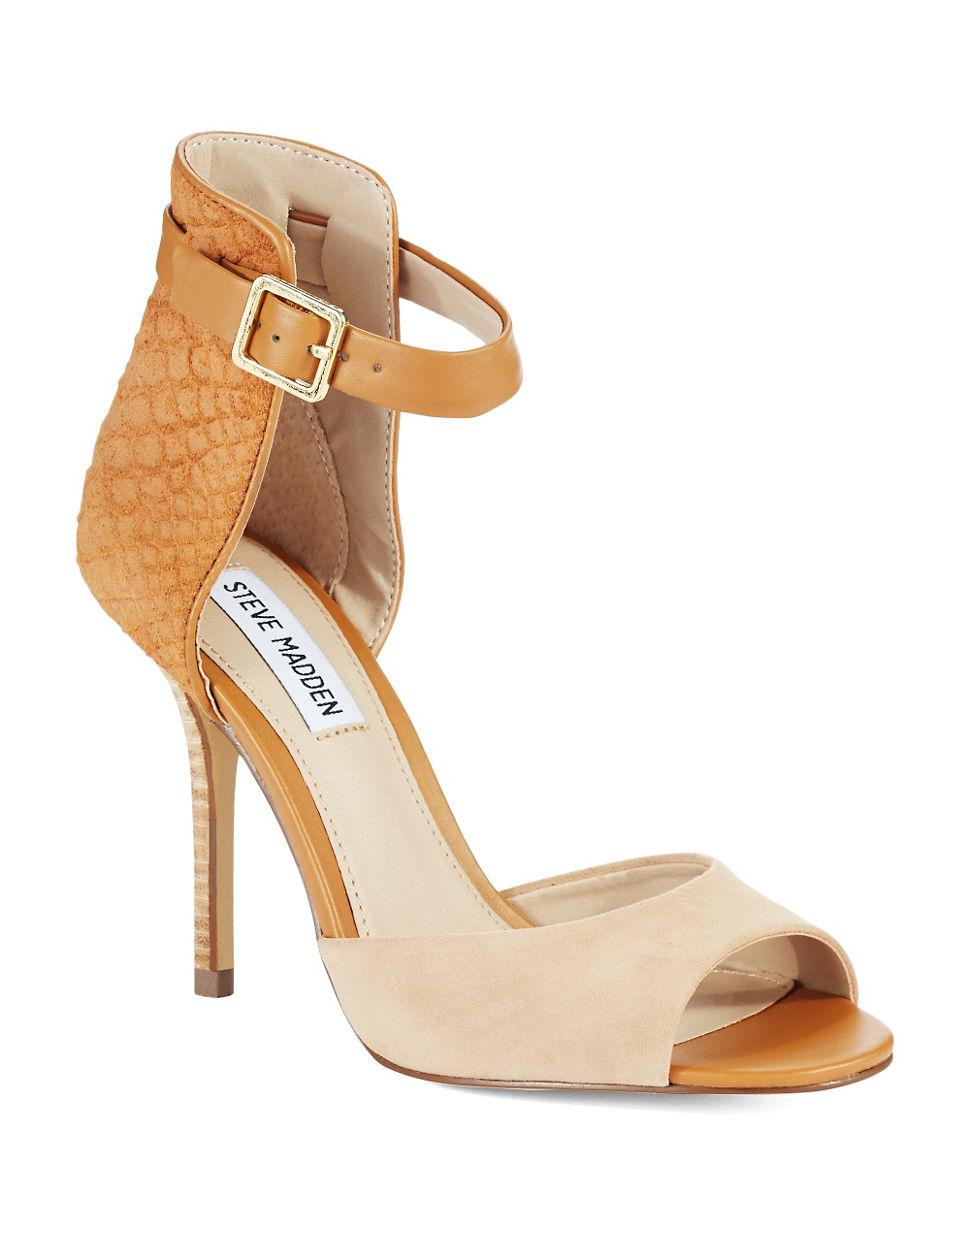 steve madden step out high heel sandals in beige camel. Black Bedroom Furniture Sets. Home Design Ideas